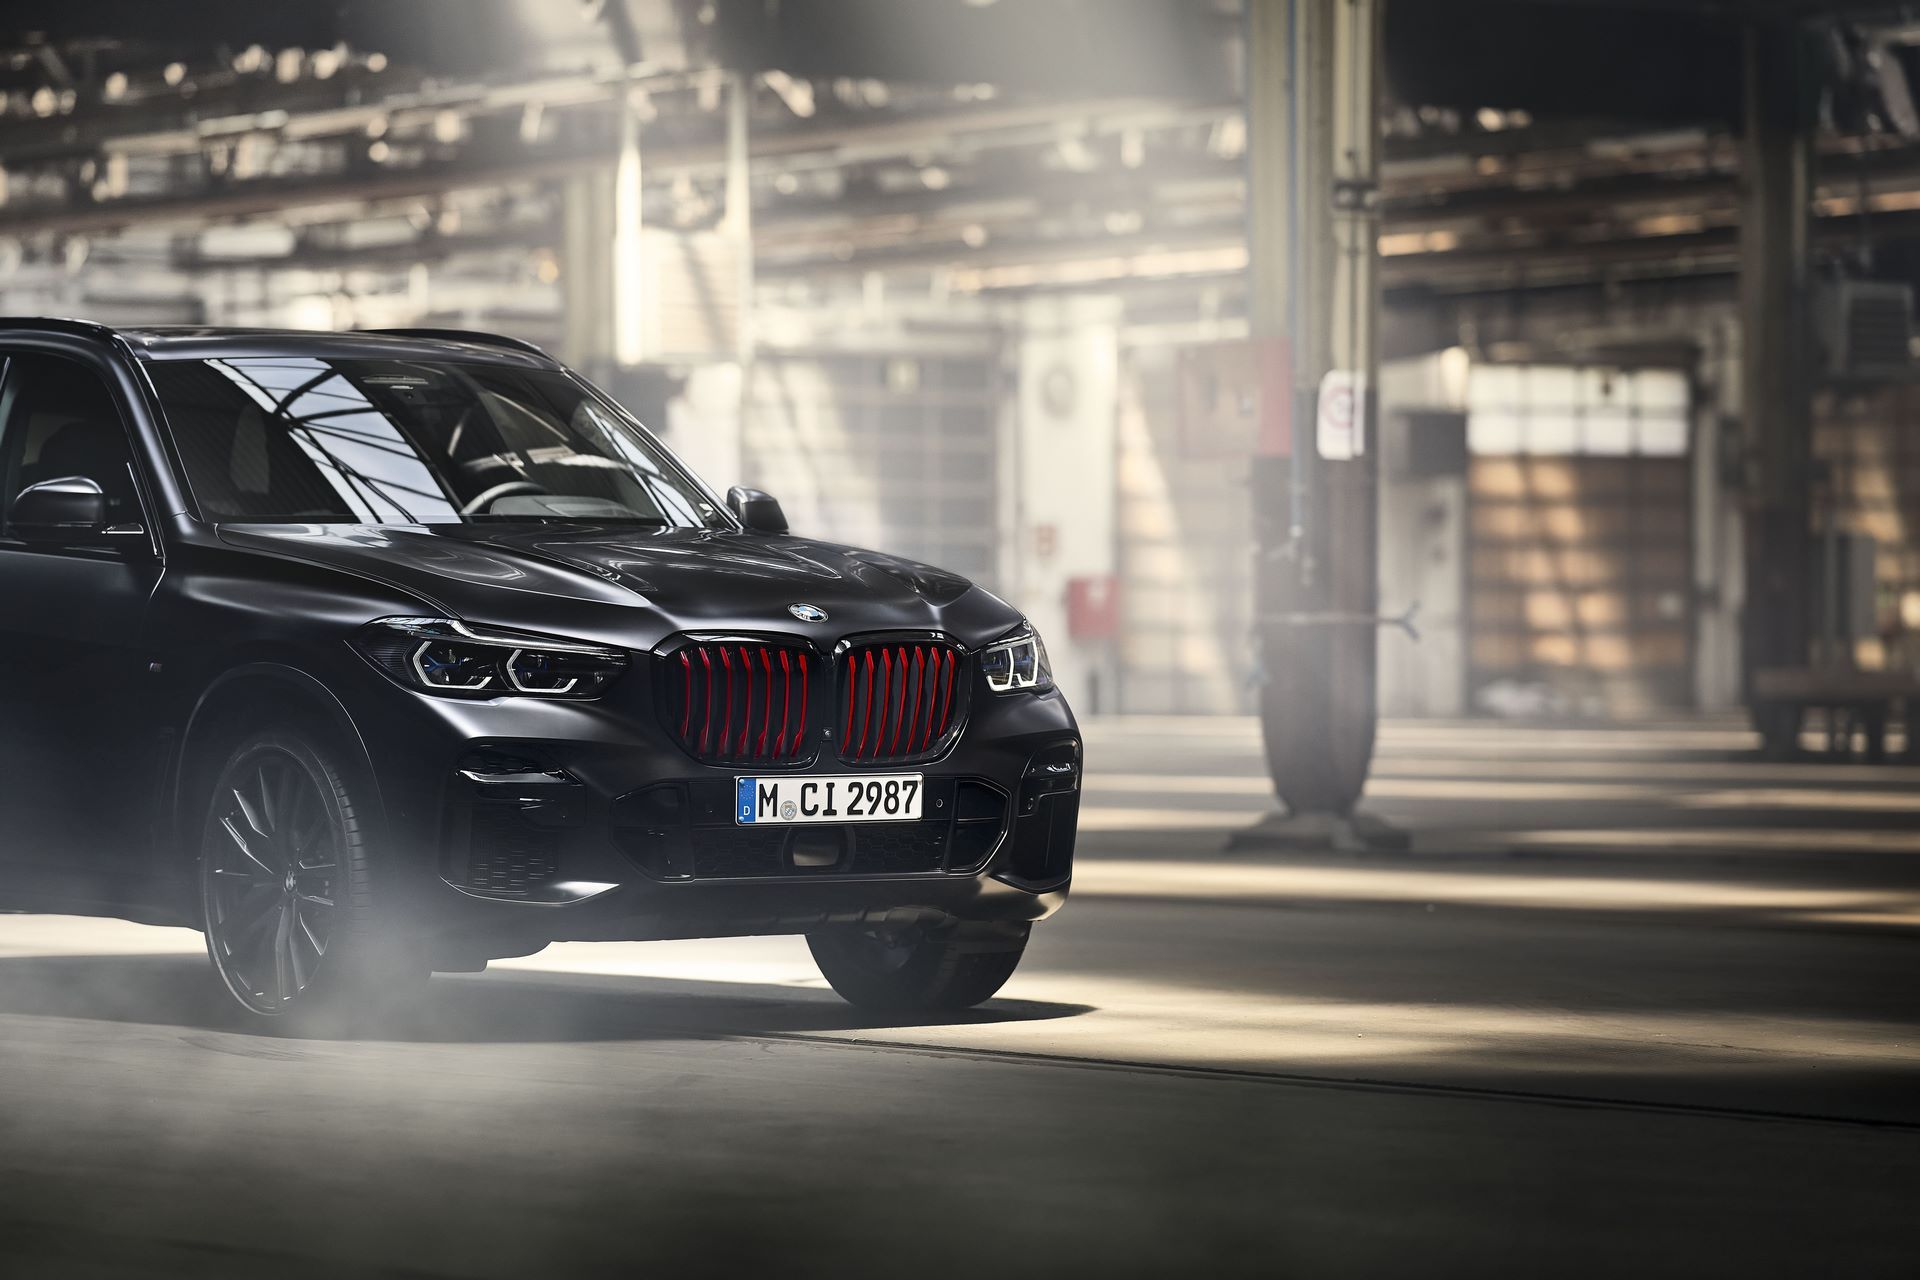 BMW-X5-Χ6-Black-Vermilion-X7-Limited-Edition-8